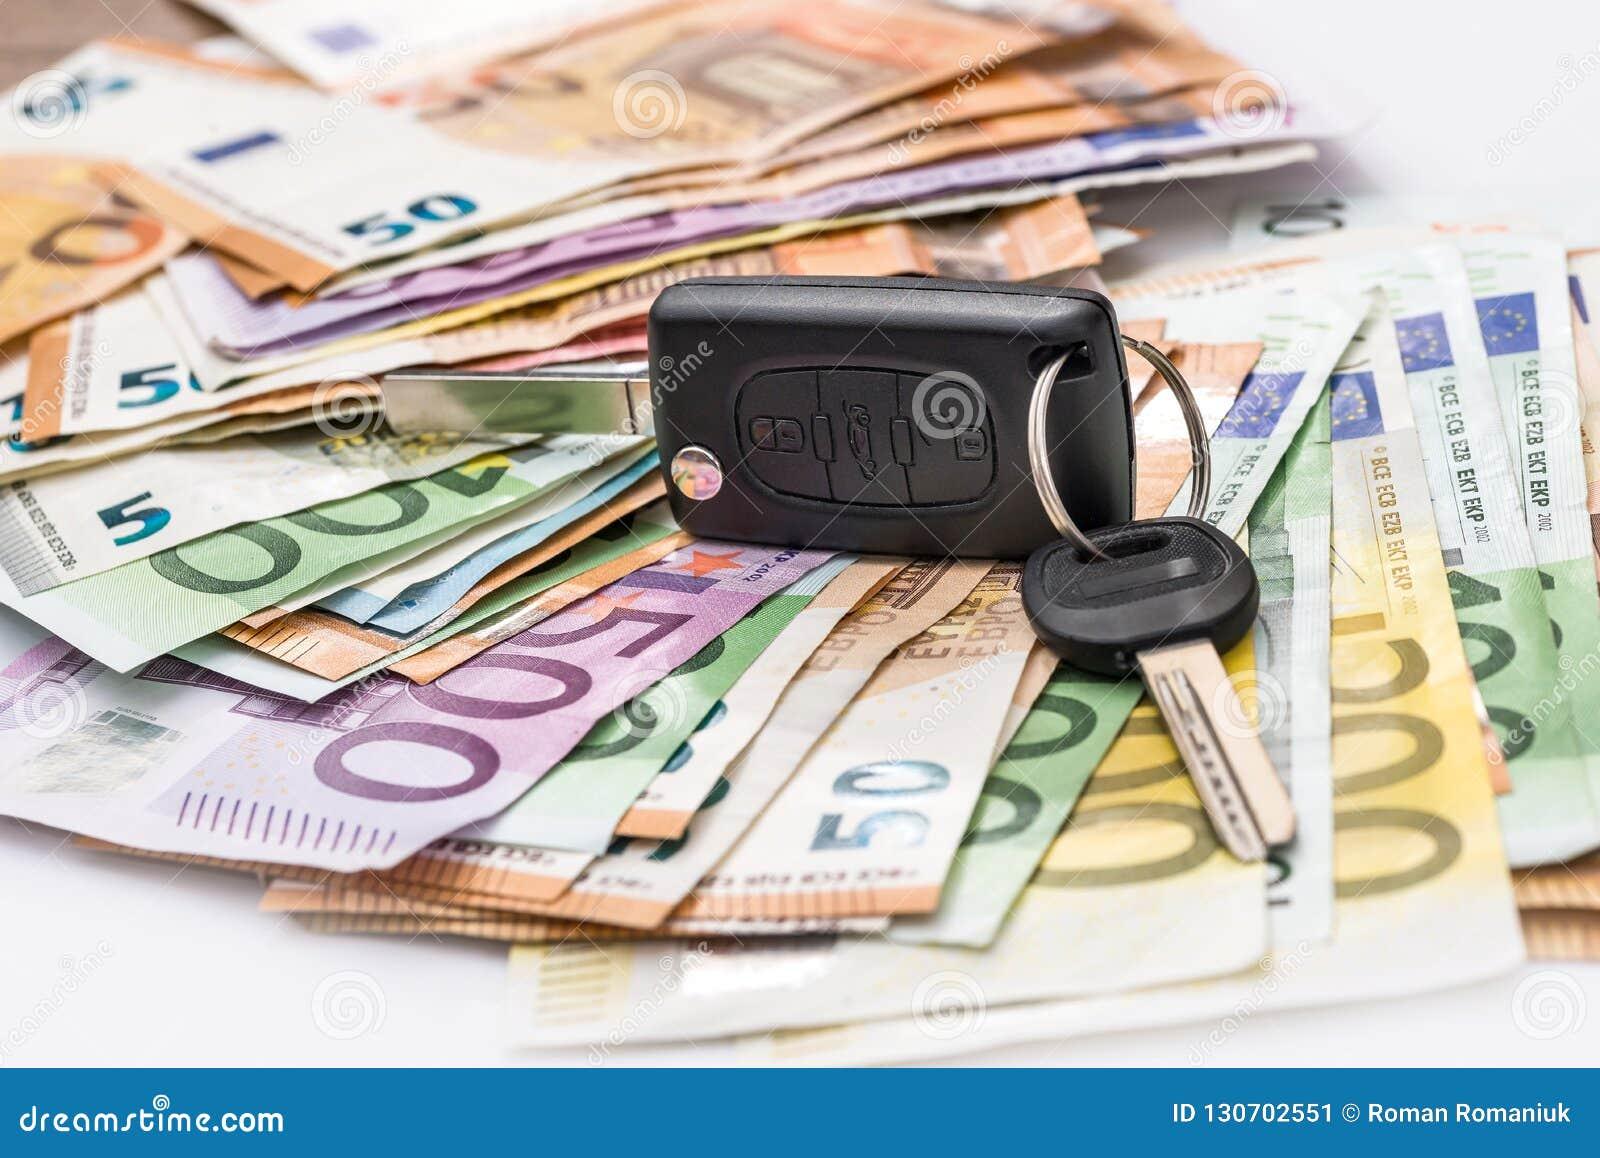 Евро авто деньги автоломбарды в уфе под залог птс